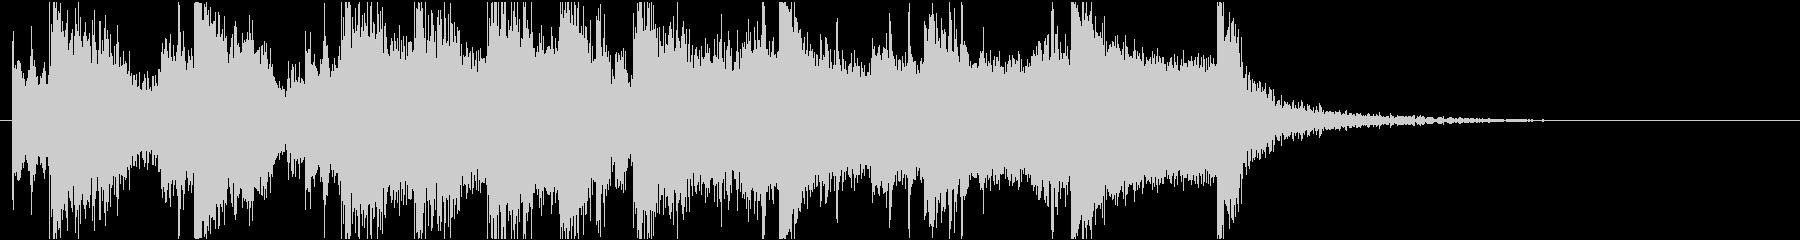 短い前奏曲です。の未再生の波形